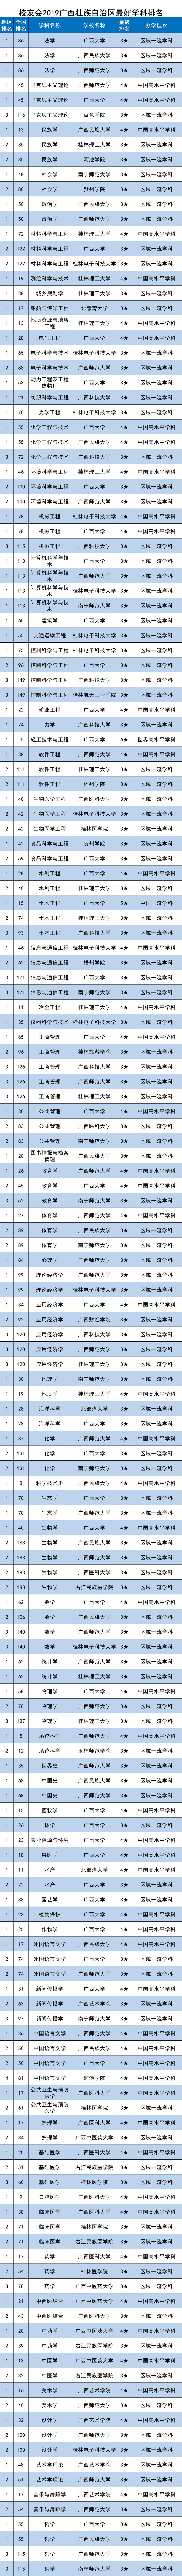 校友会2019广西壮族自治区一流学科排名,广西大学第一